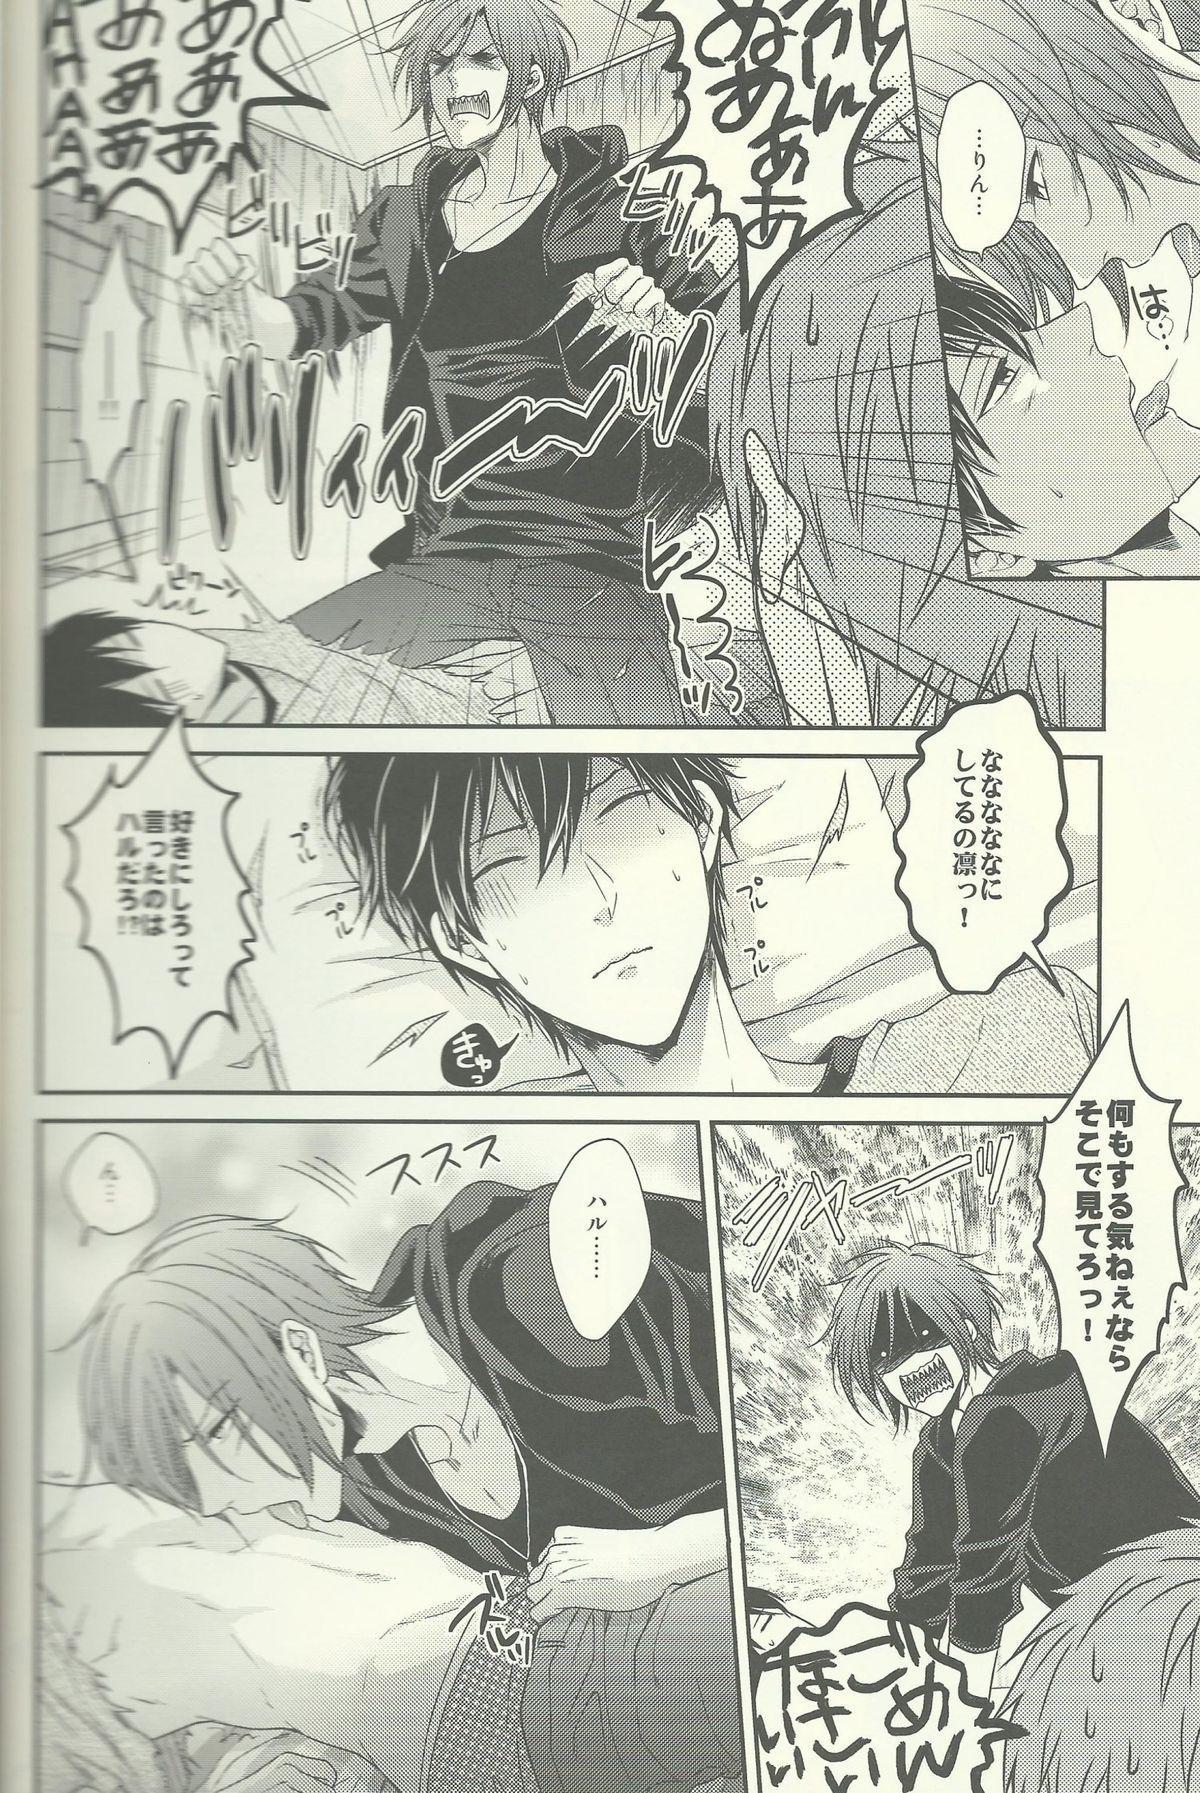 Yurushite Warui Iruka-chan 8